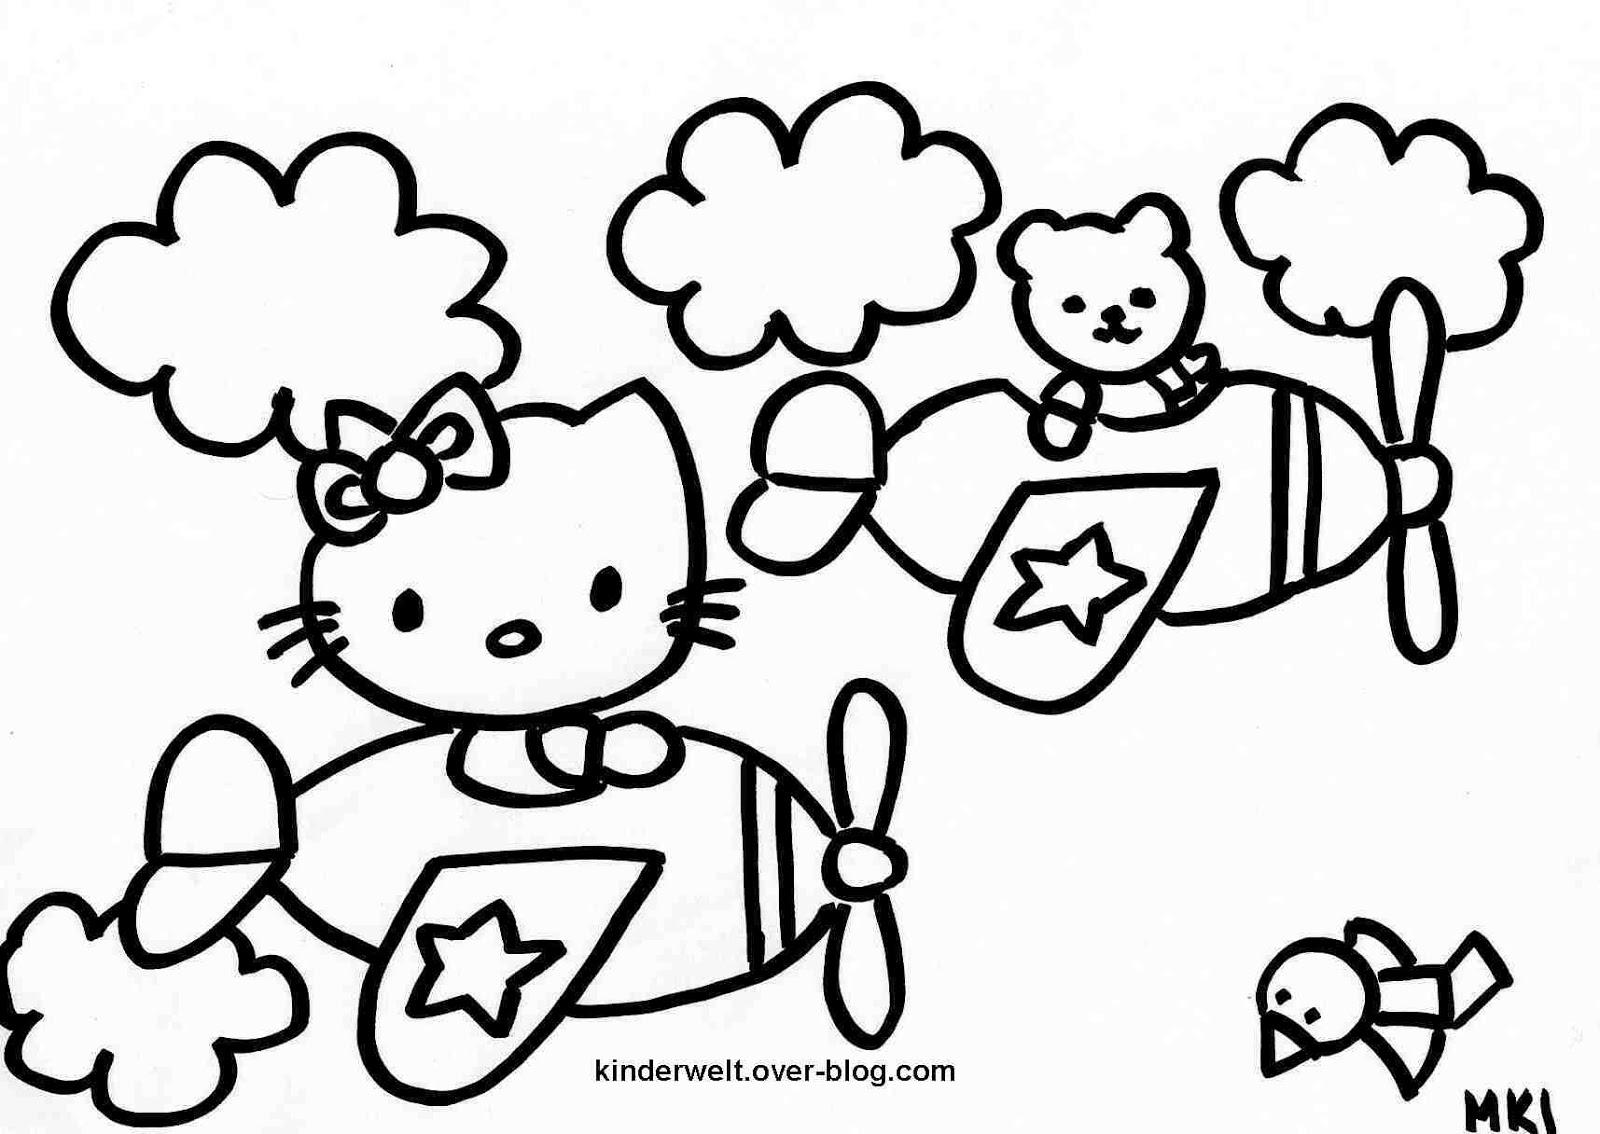 Ausmalbilder zum Ausdrucken: Hello Kitty Ausmalbilder